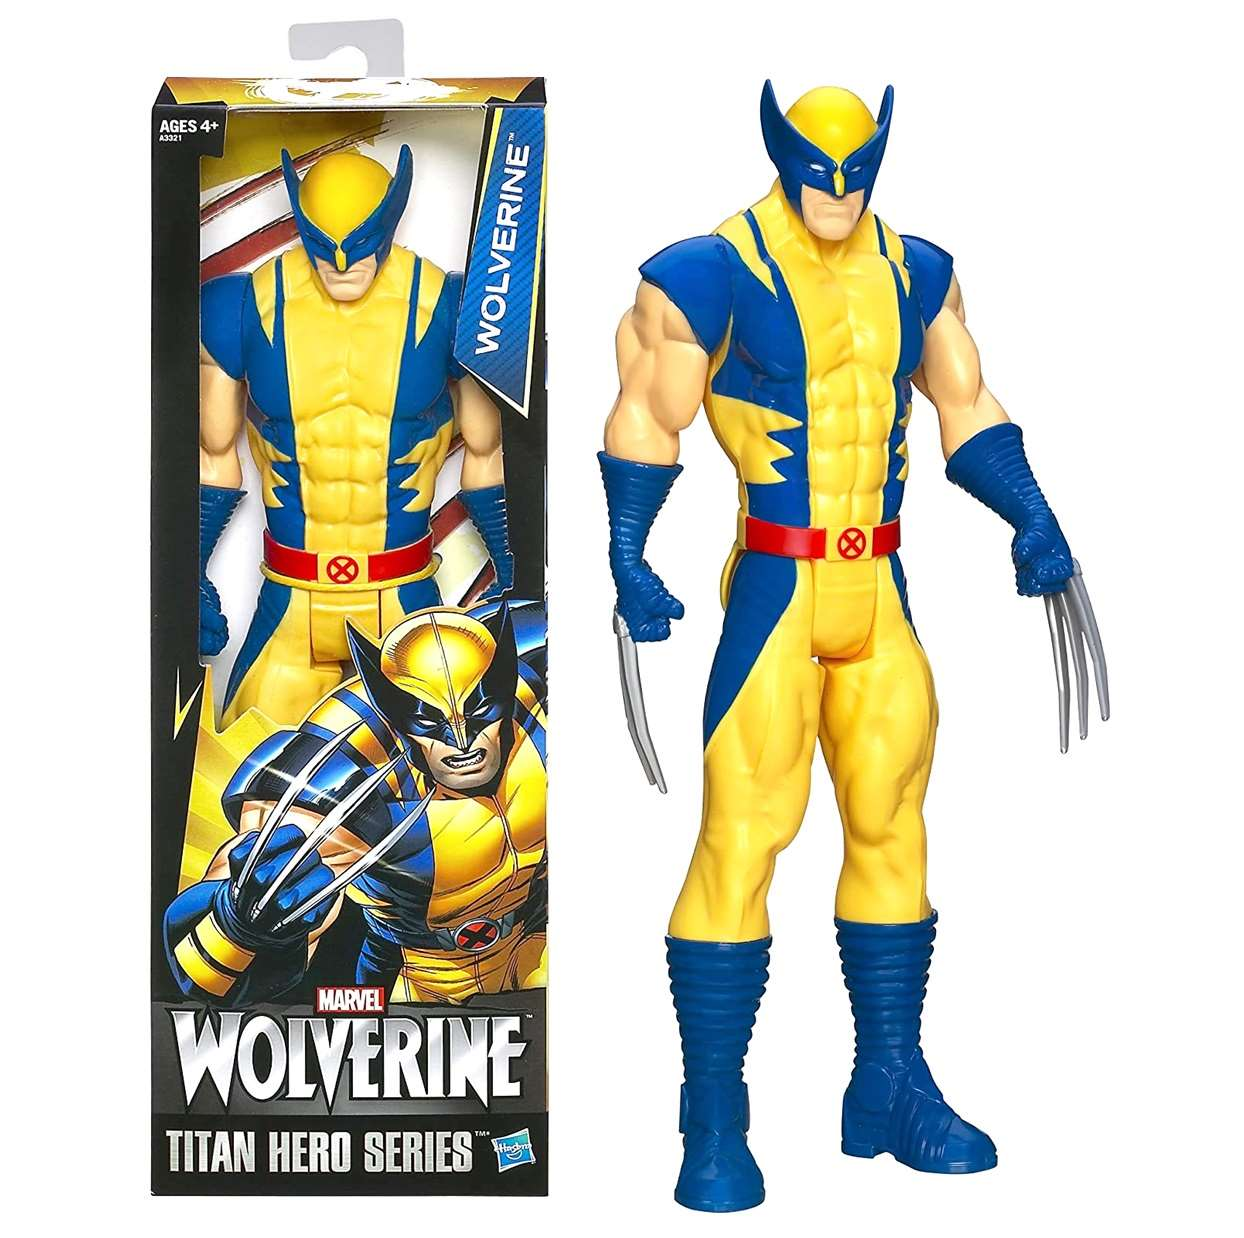 Wolverine Figura Marvel X Men Titan Hero 12 Pulgadas